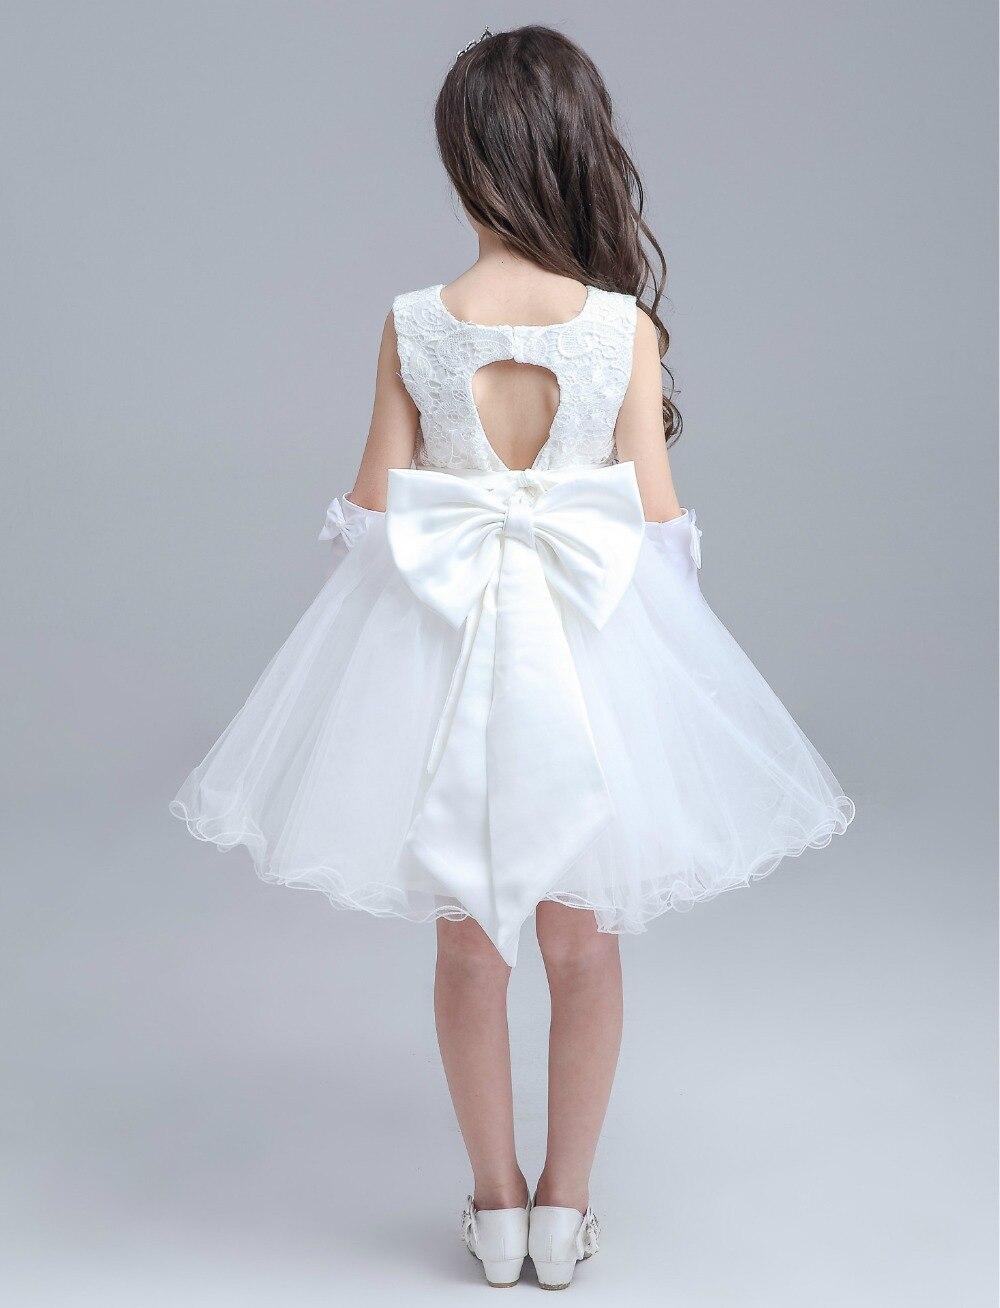 White Girl Birthday Wedding Party Formal Flower Girls Dresses Little ...